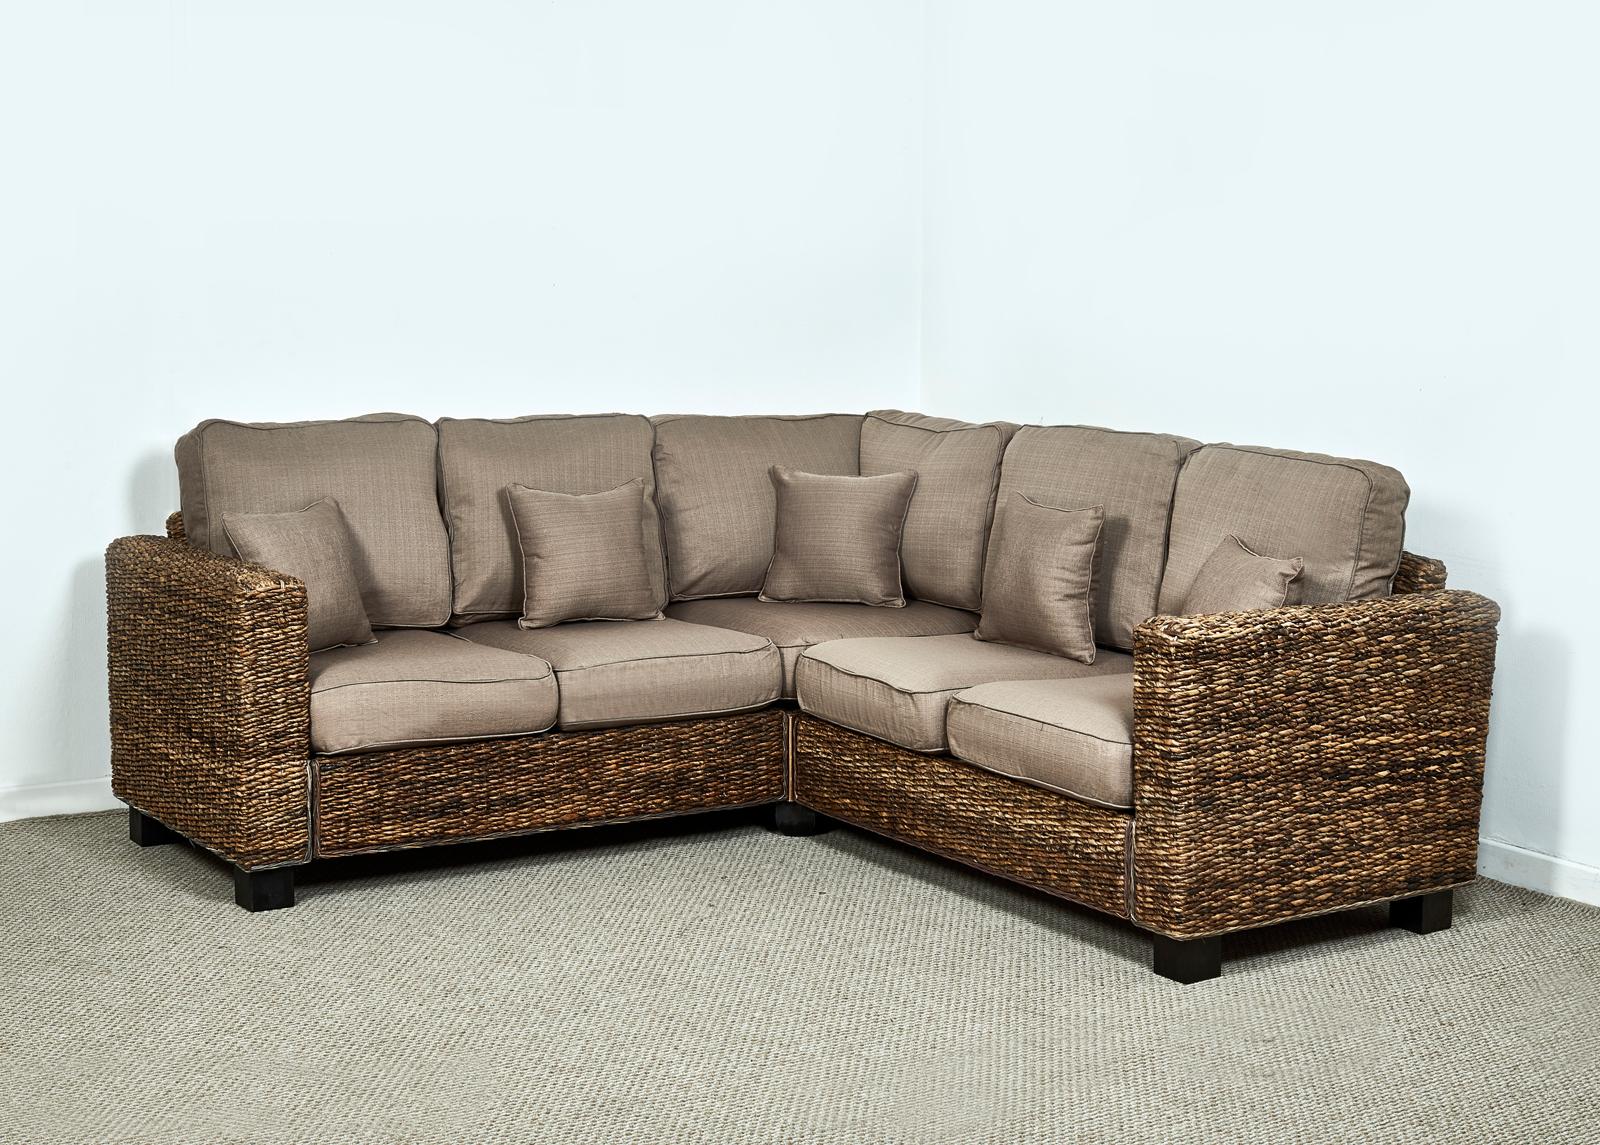 Kensington Abaca 264cm X 264cm Natural Corner Sofa In Autumn Biscuit